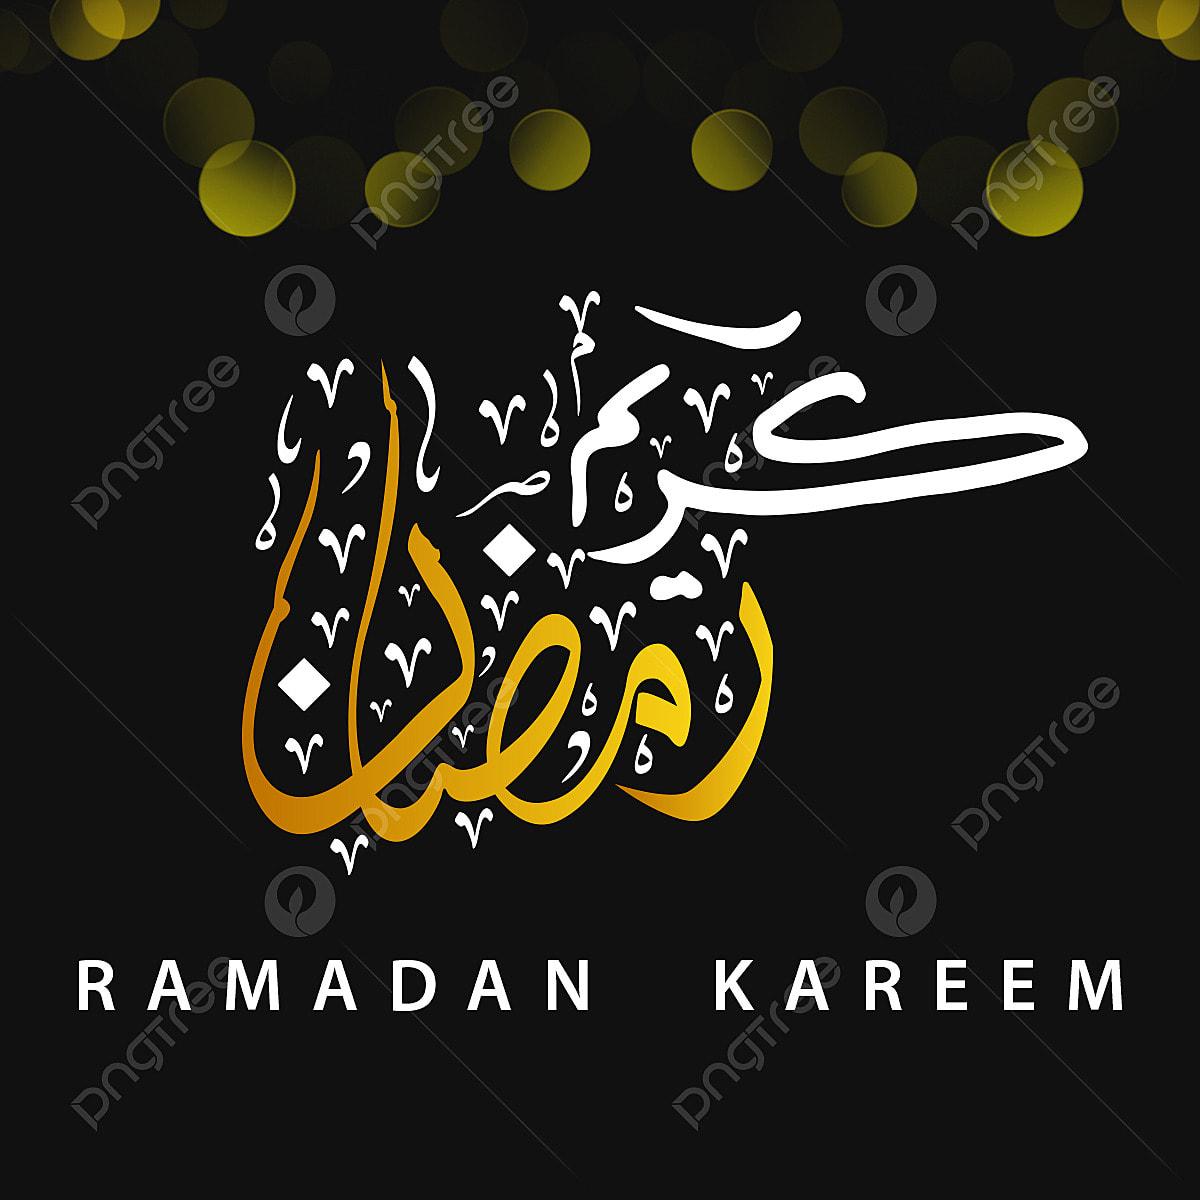 Ramadan Kareem Kaligrafi Vektor Dengan Cahaya Latar Belakang Arab